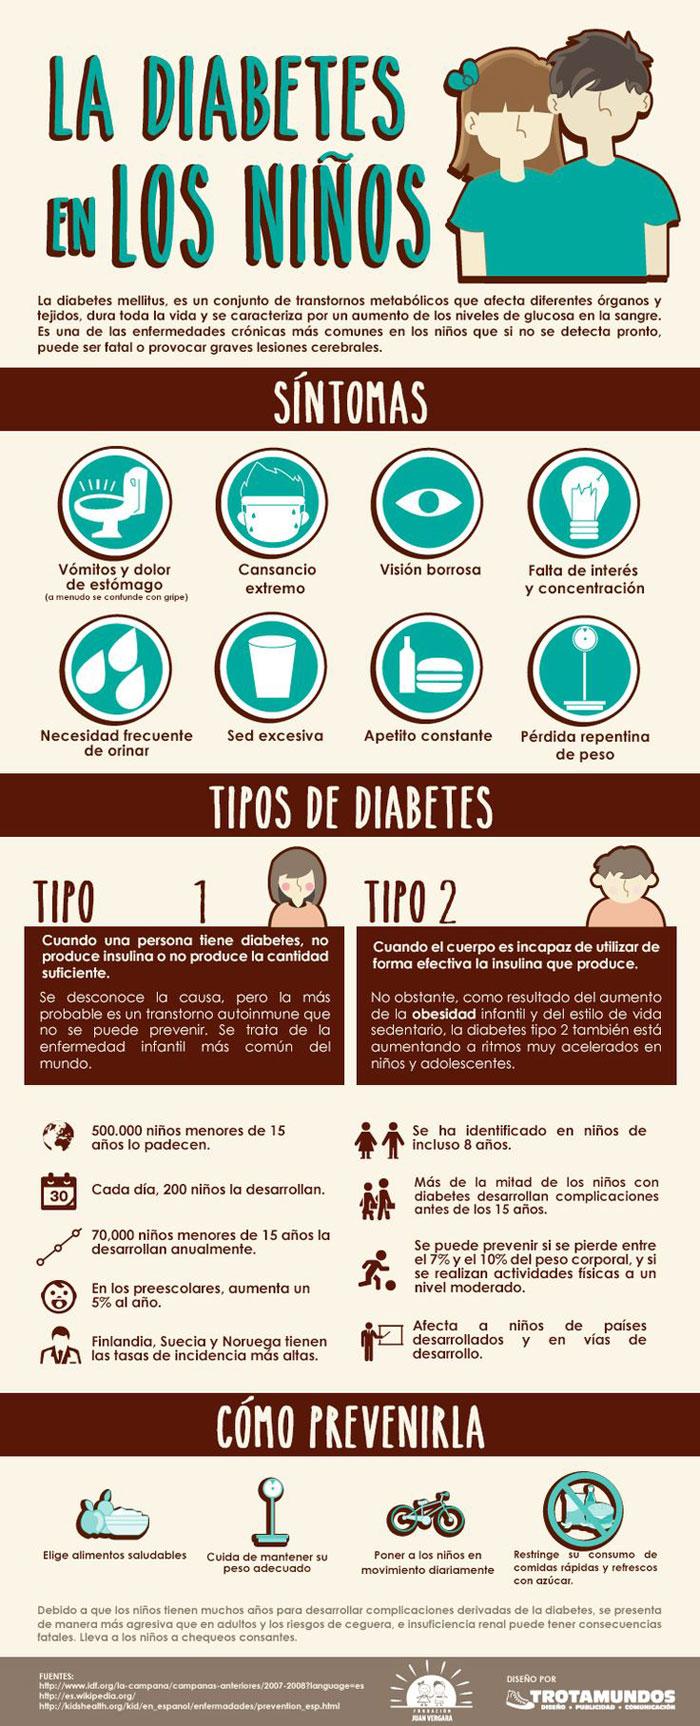 infografia comida diabeticos tipo1